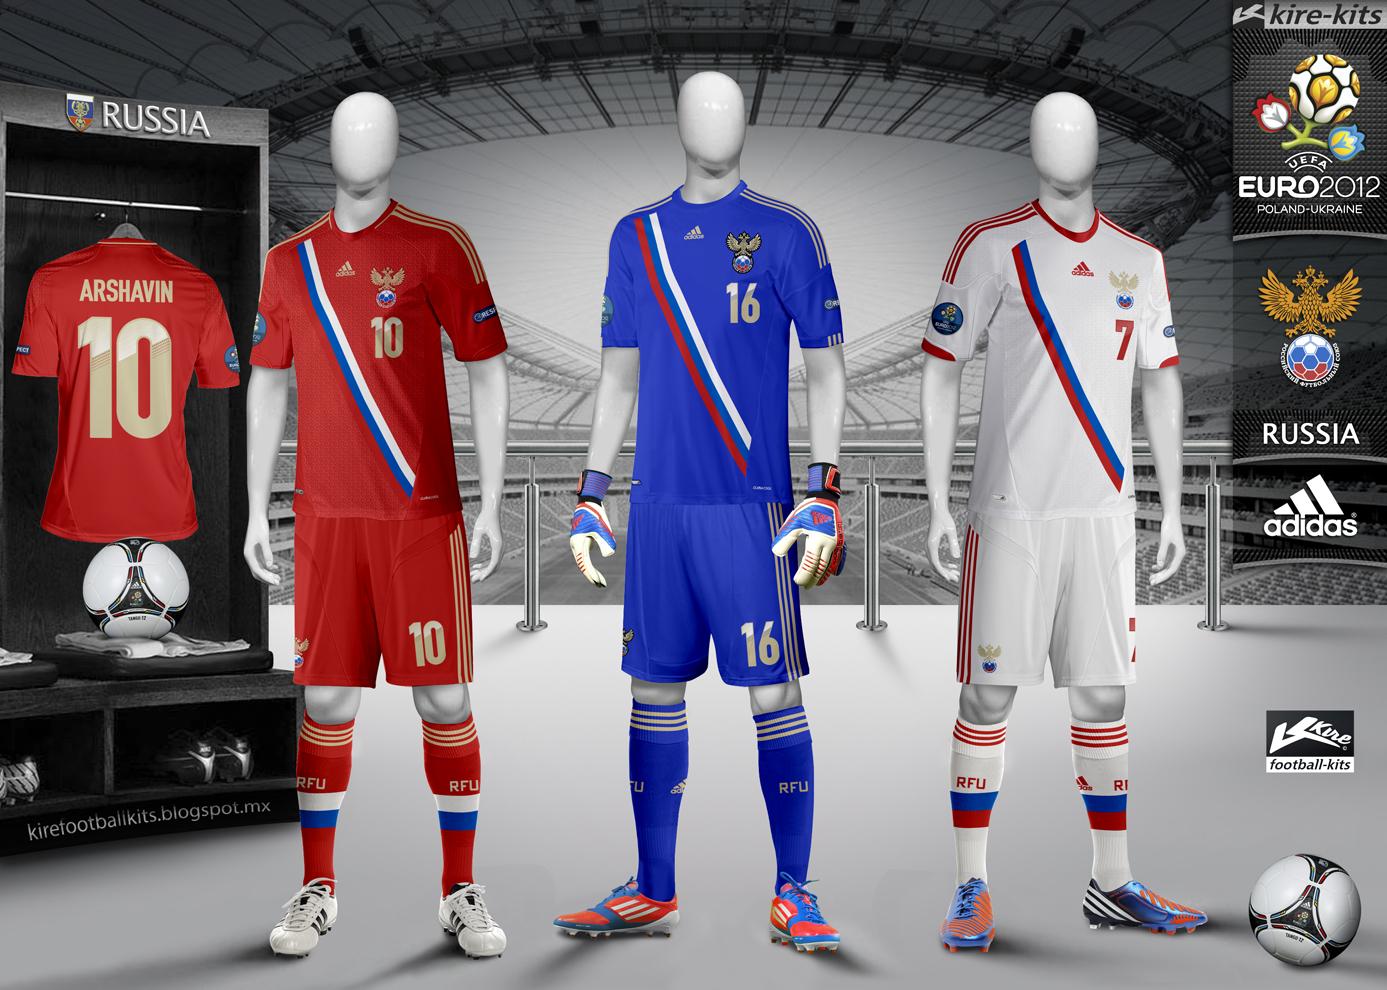 60b4ea633 Kire Football Kits  2012